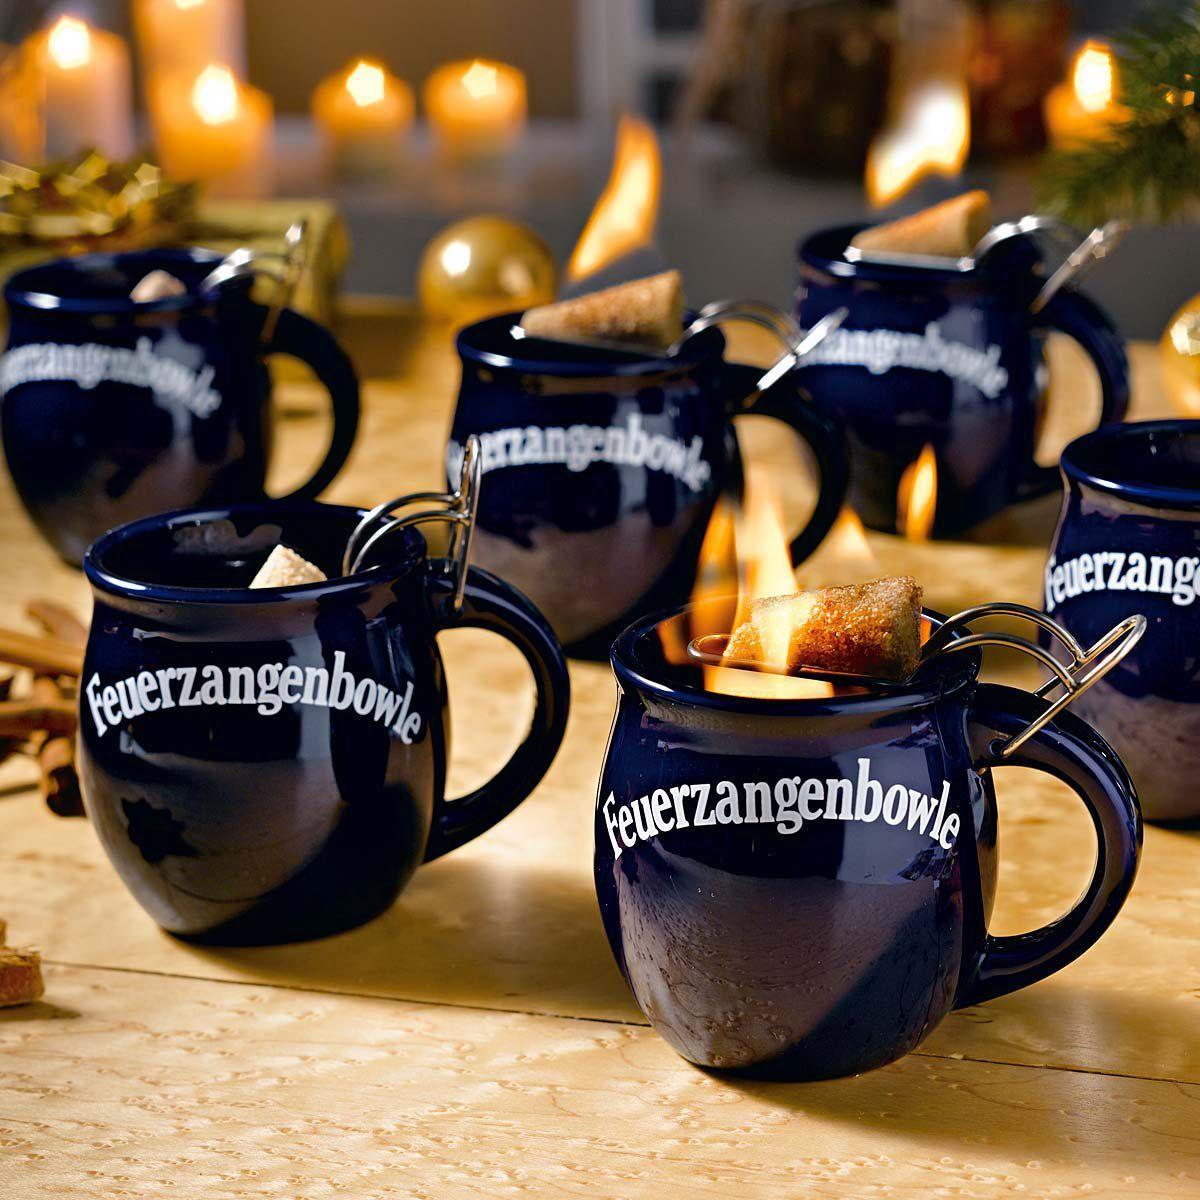 geschenkset feuerzangenbowle 2 tassen gl hwein zimt zucker h te rum einfach geschenke. Black Bedroom Furniture Sets. Home Design Ideas